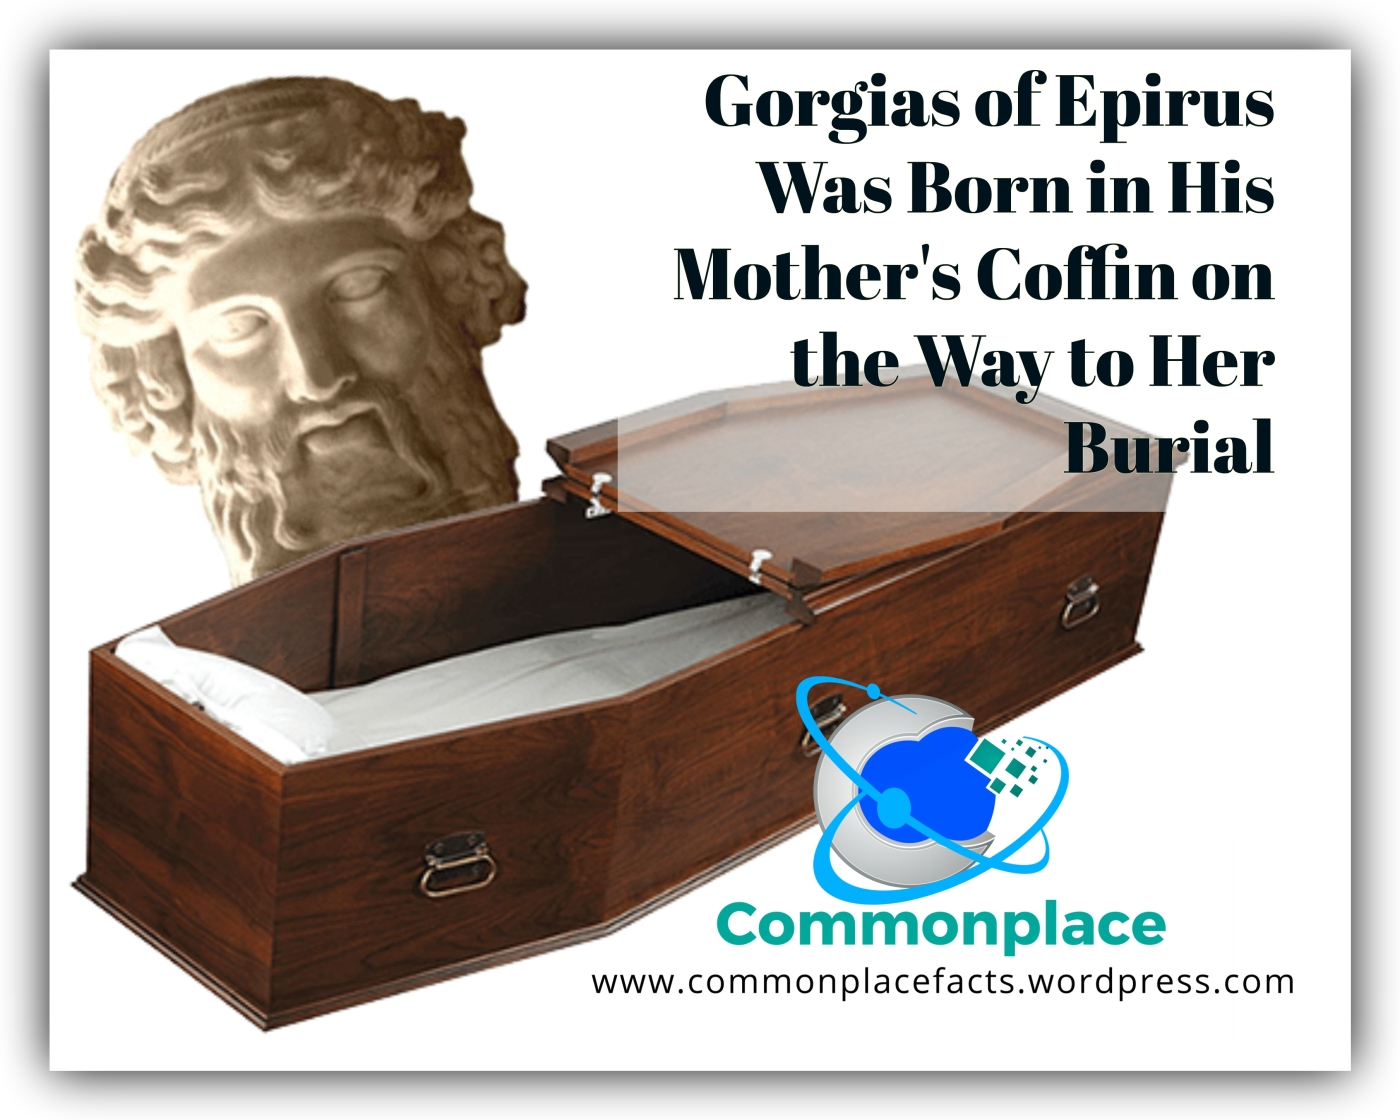 #philosophy #buriedalive #Greek #philosophers #babies #funerals